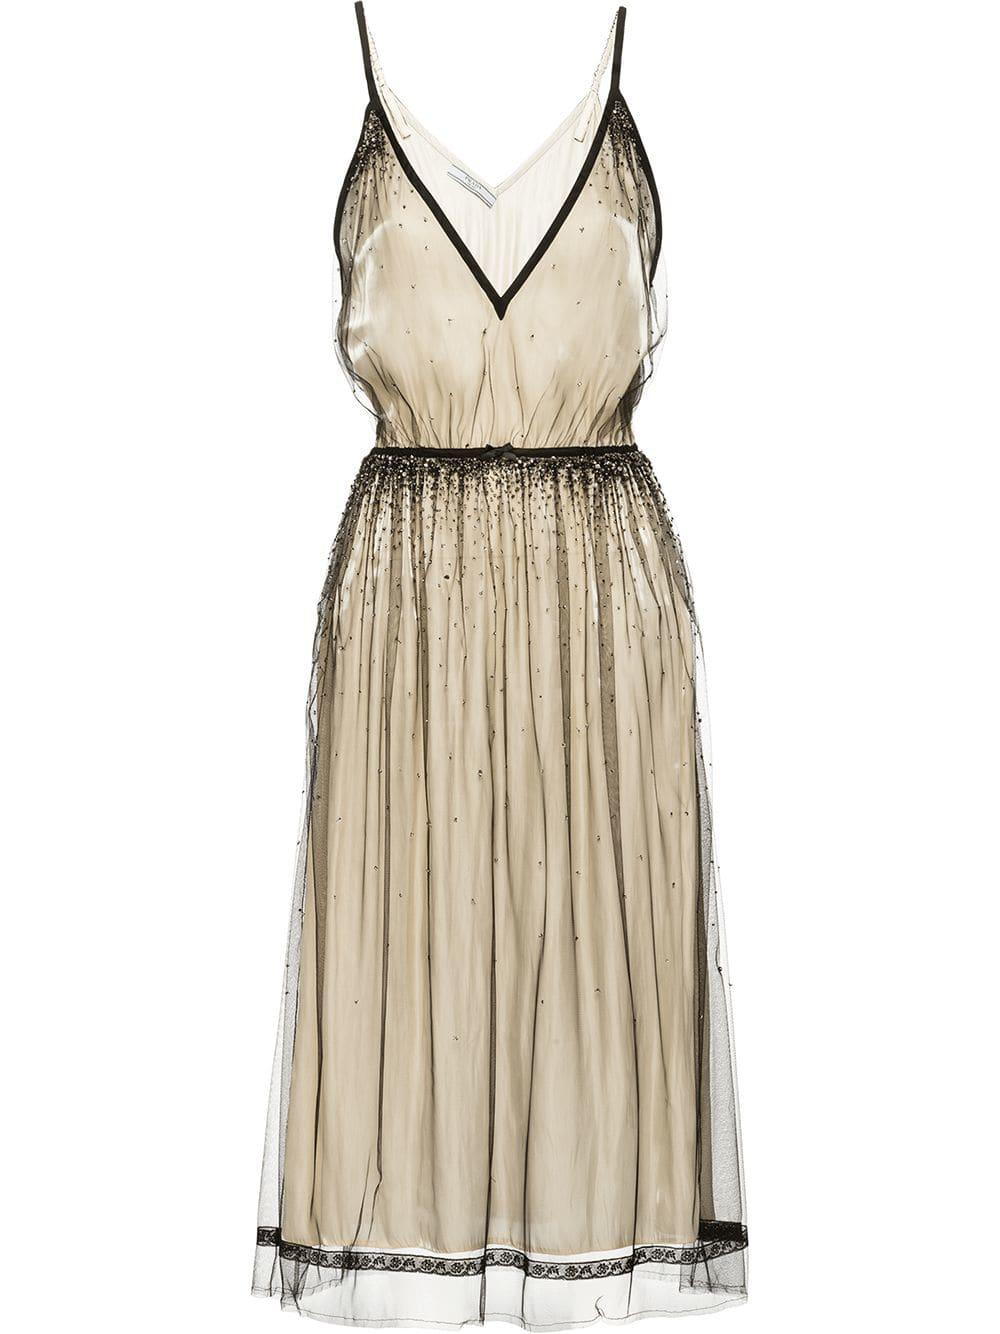 e4ca8364f606 Prada Embellished Tulle Dress - Farfetch In Neutrals